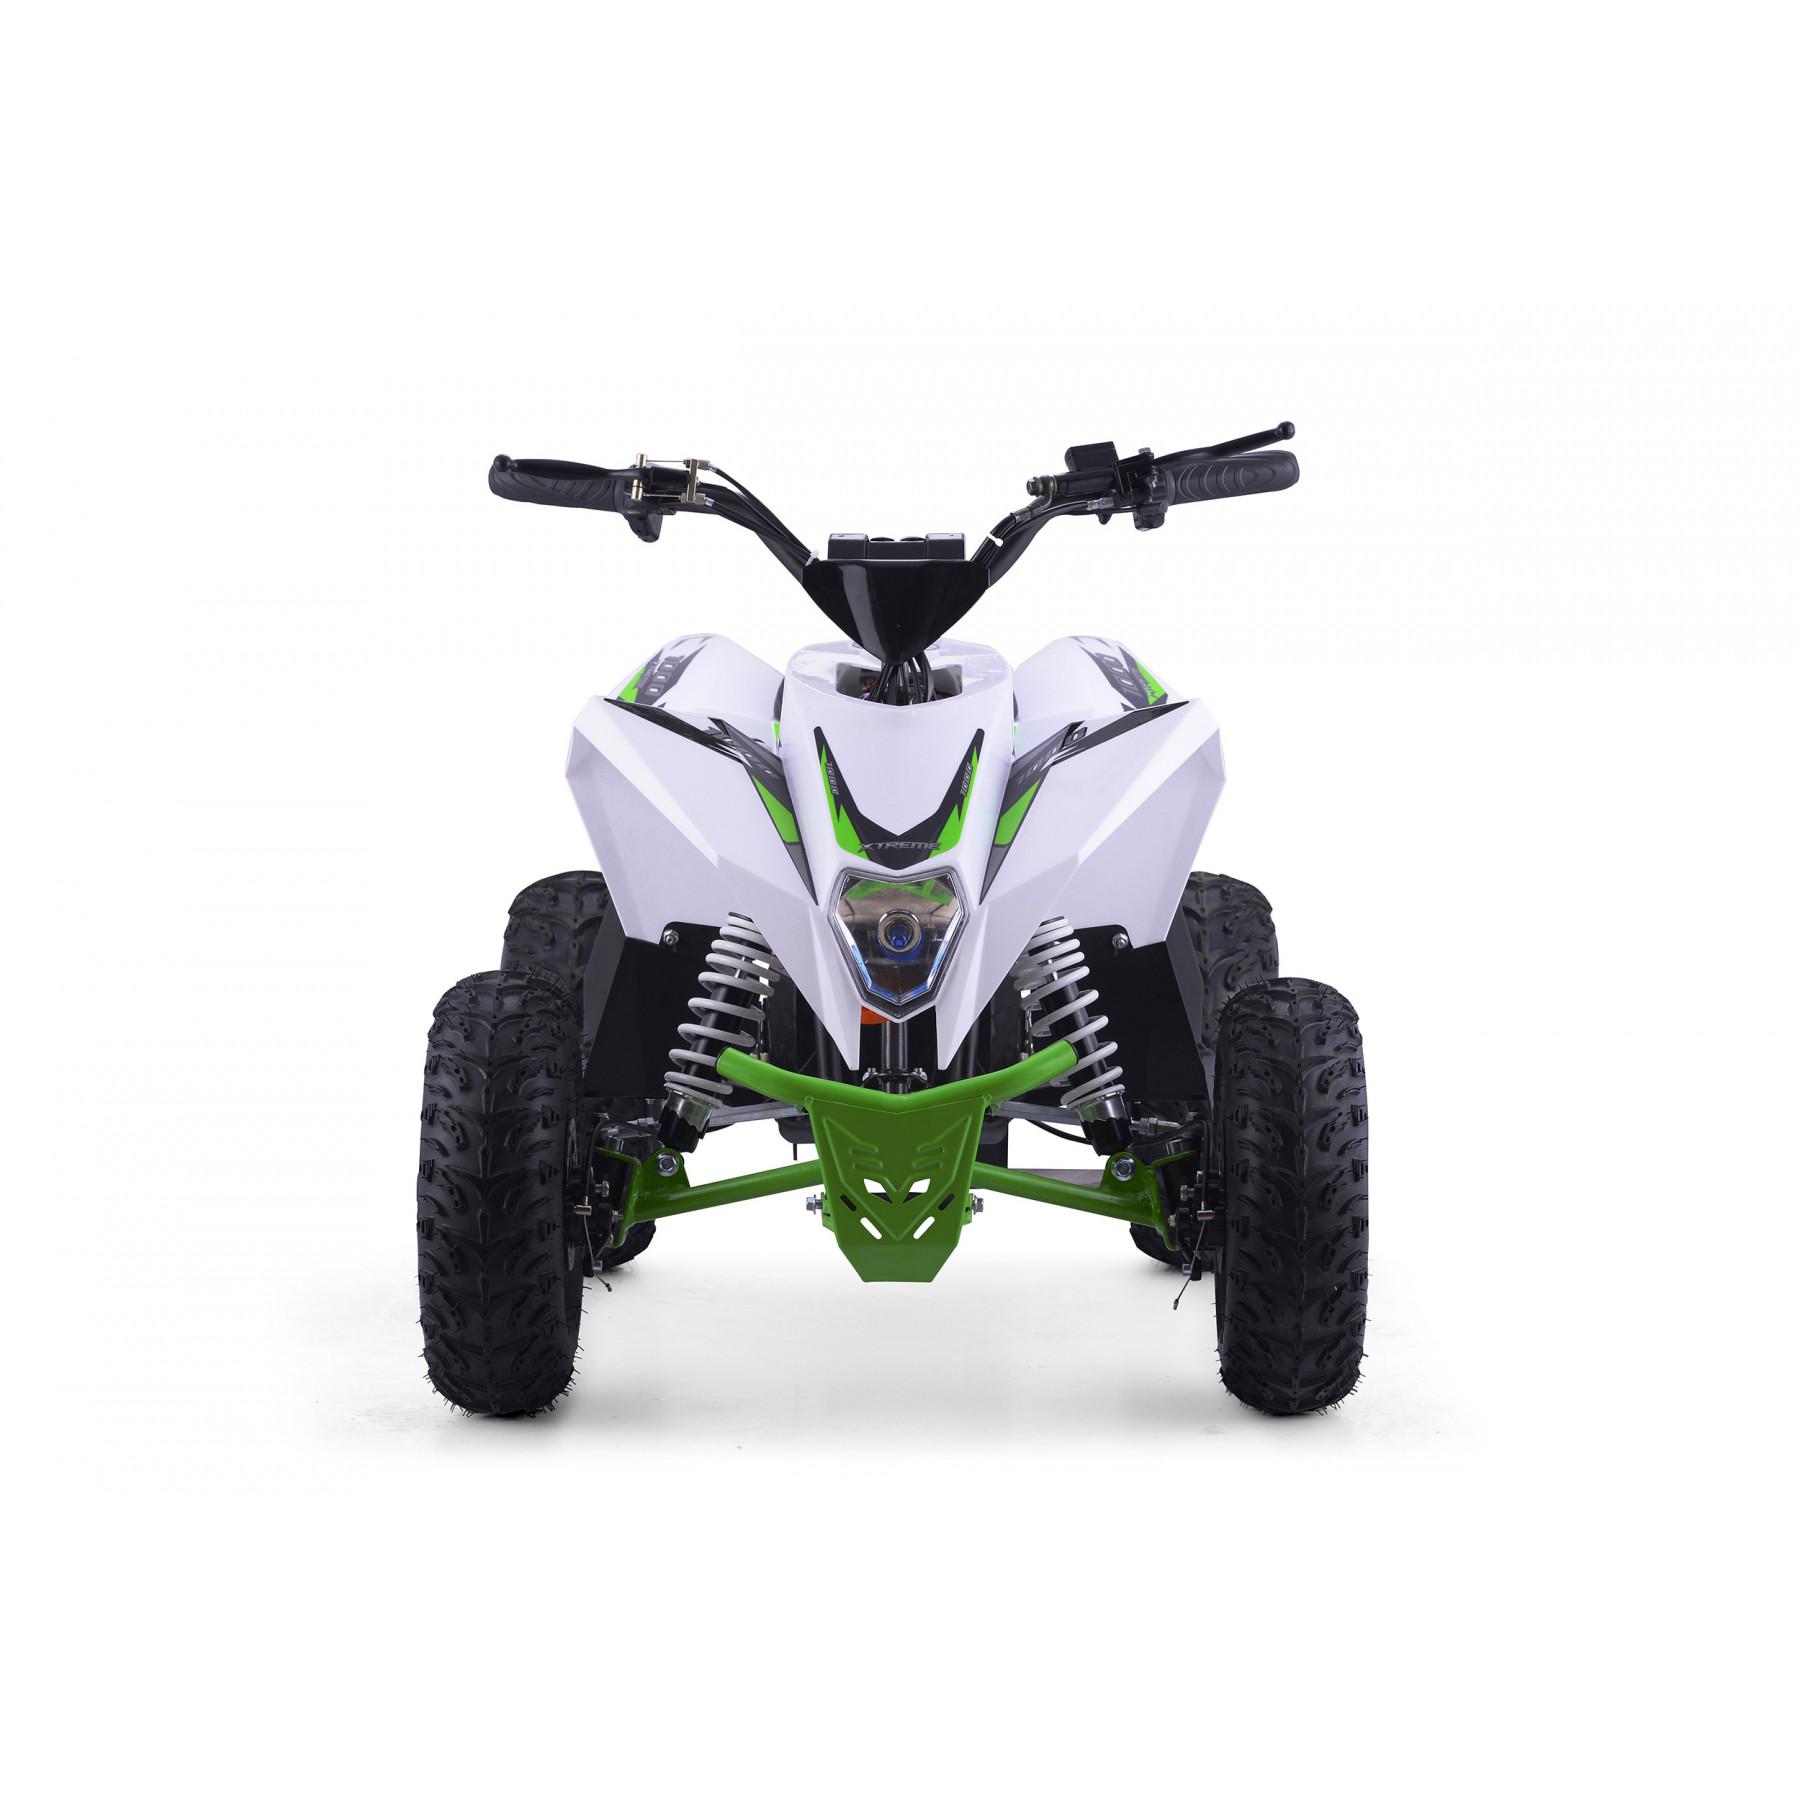 XTM RACING 48v 1300w LITHIUM QUAD BIKE WHITE GREEN